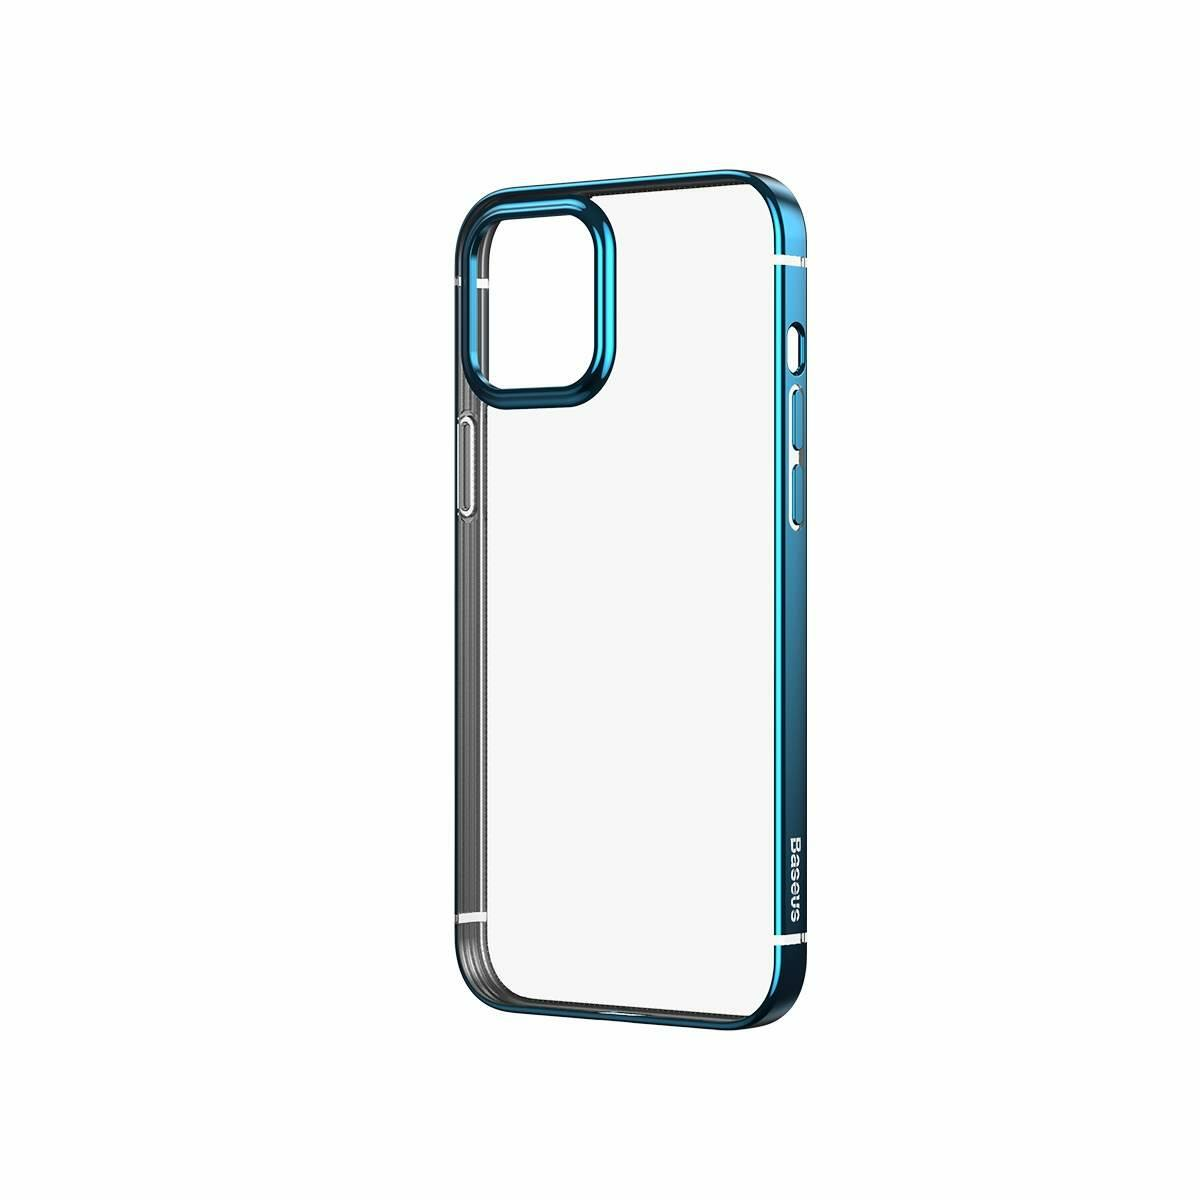 Baseus iPhone 12 mini tok, Shining (esés védelemmel), kék (ARAPIPH54N-MD03)